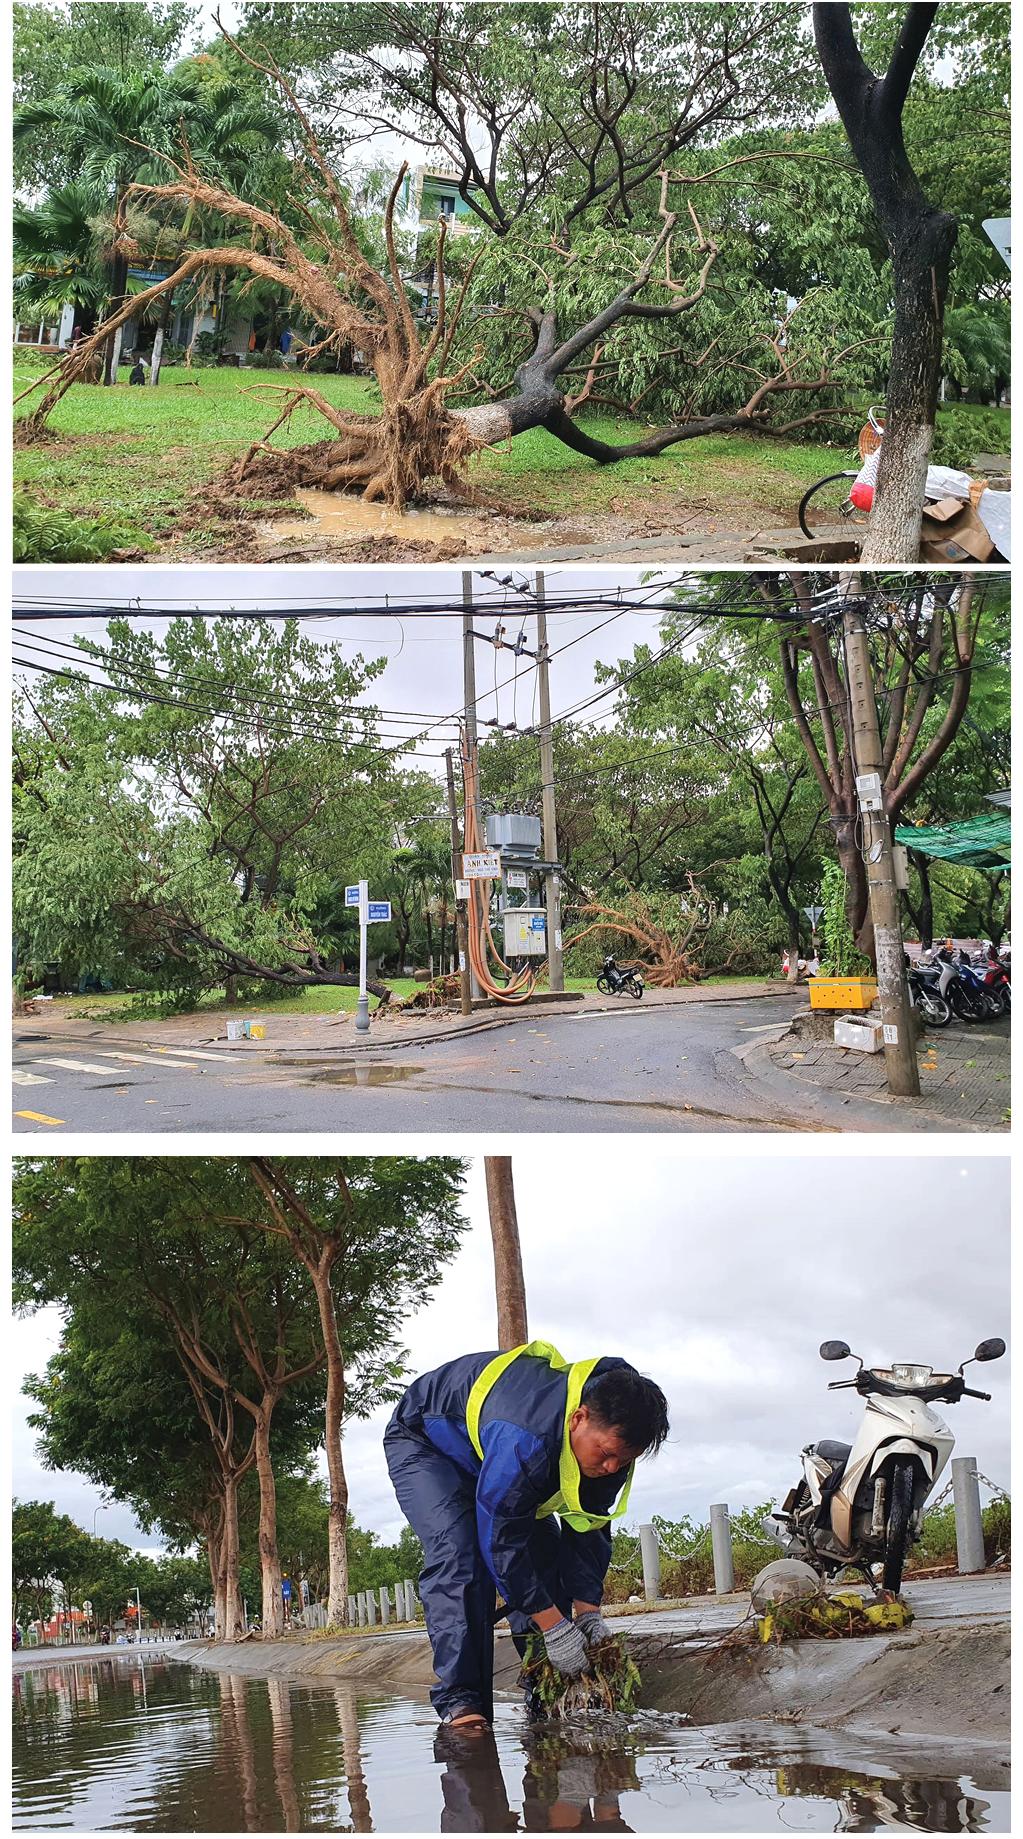 Bão số 5 đổ bộ miền Trung gây lốc xoáy, mưa lớn và ngập úng ảnh 17